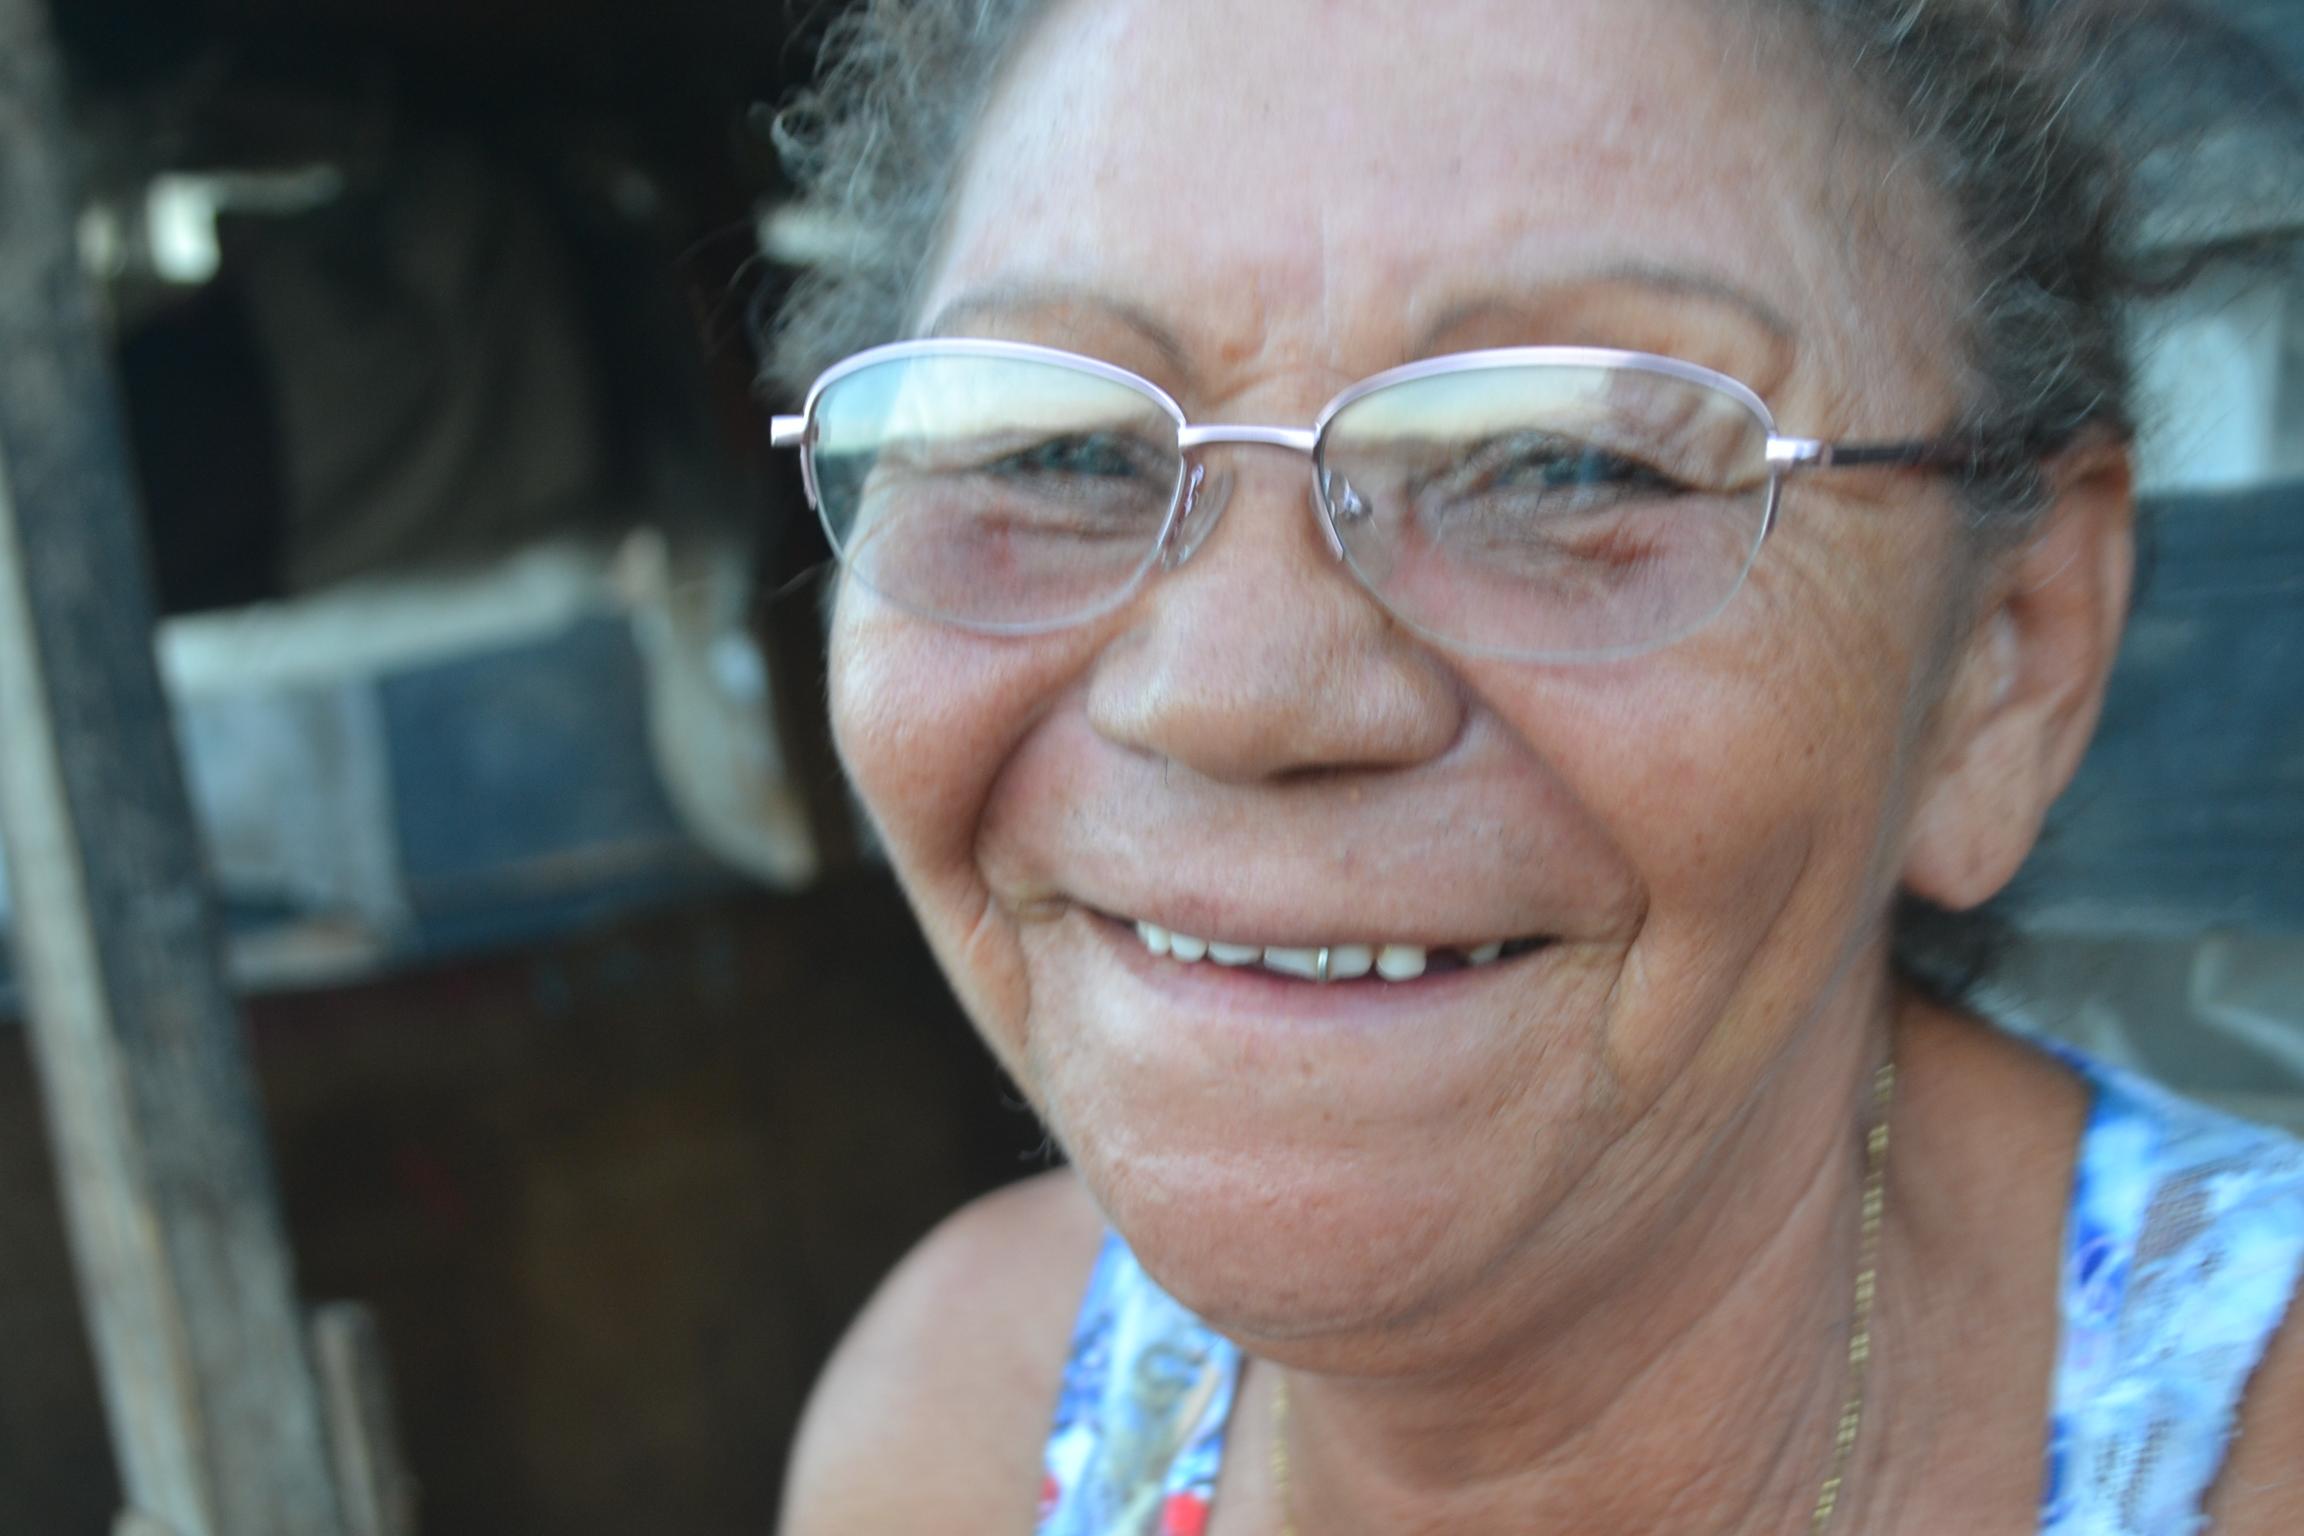 Dona Rita, 57 anos, senti dores de cabeca